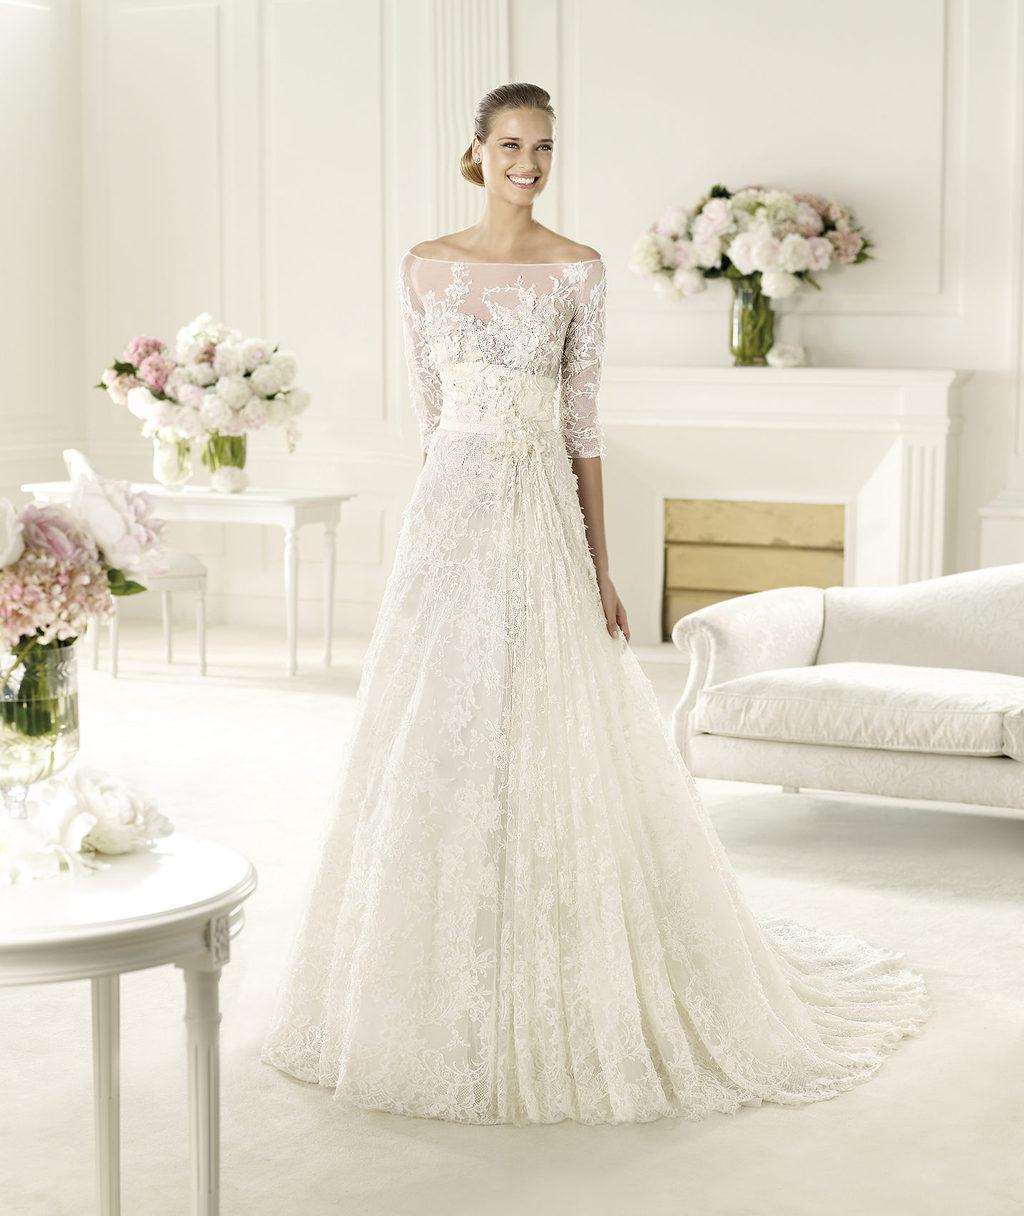 Elie-saab-wedding-dress-2014-pronovias-bridal-folie.full